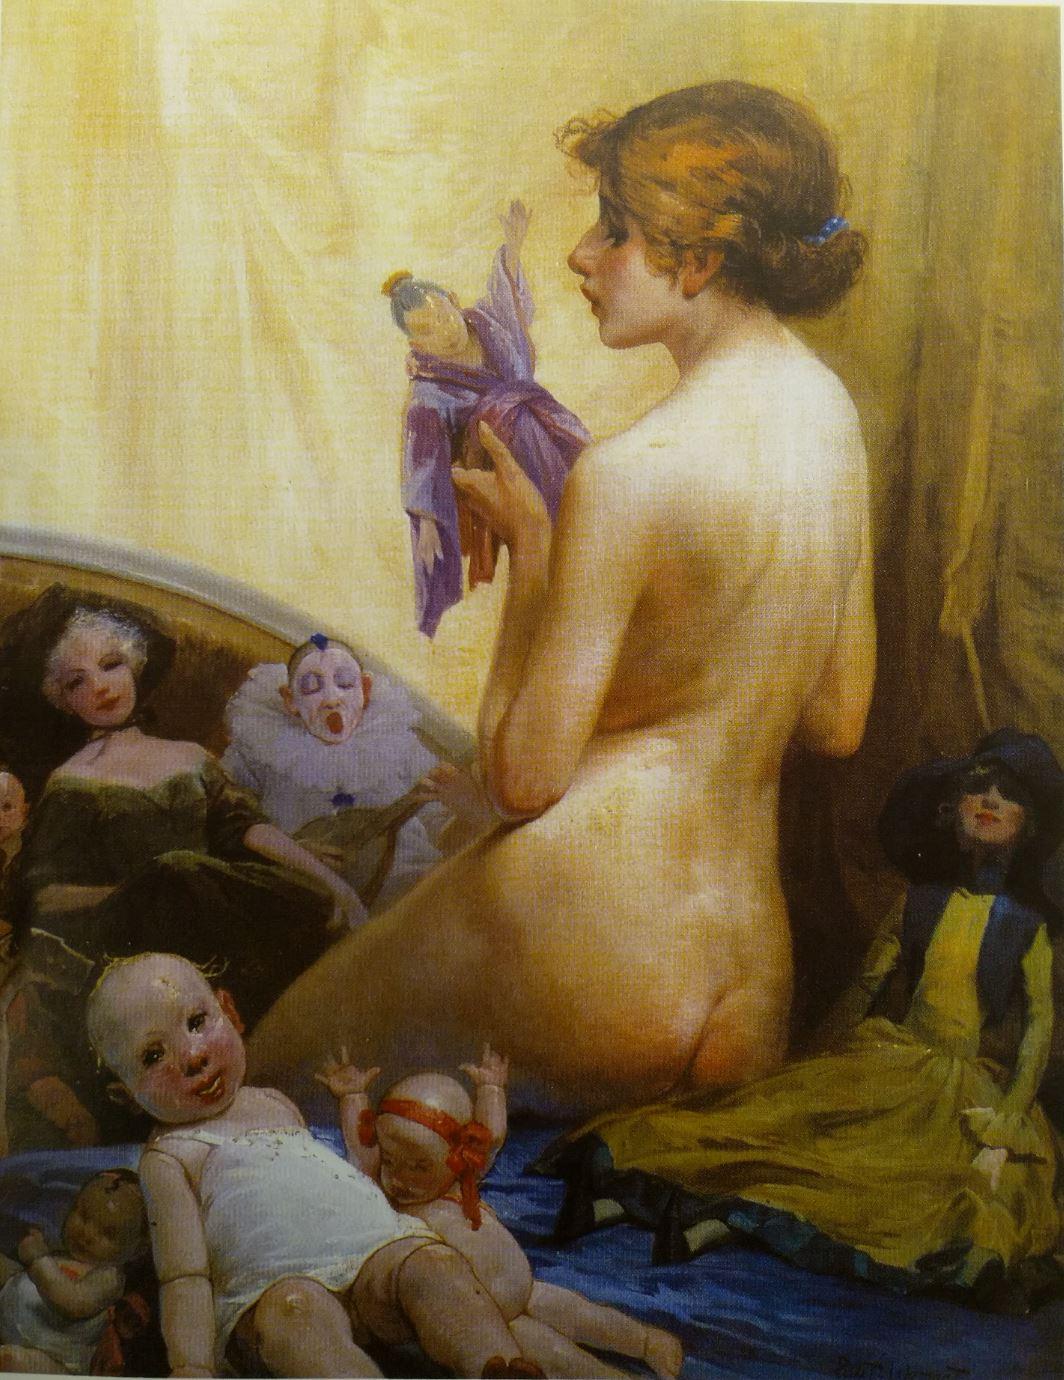 Privat Livemont 1931 Jeune femme nue aux poupees coll privee